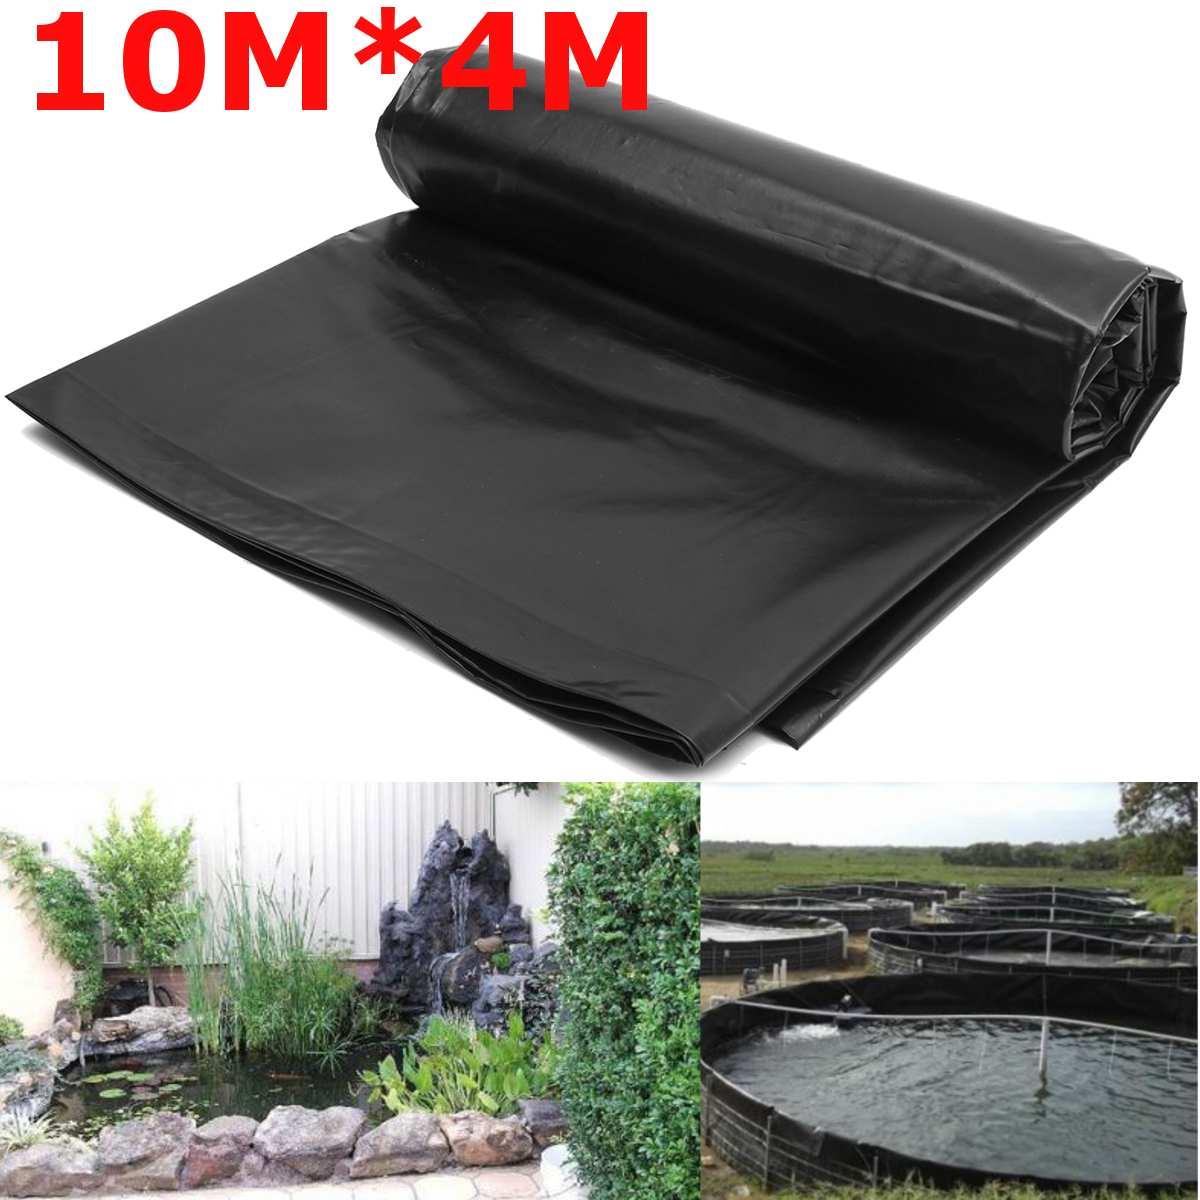 [해외]10x4m Fish Pond Liner Cloth Home Garden Pool Reinforced HDPE Heavy   Landscaping Pool Pond Waterproof Liner Cloth Black New/10x4m Fish Pond Liner